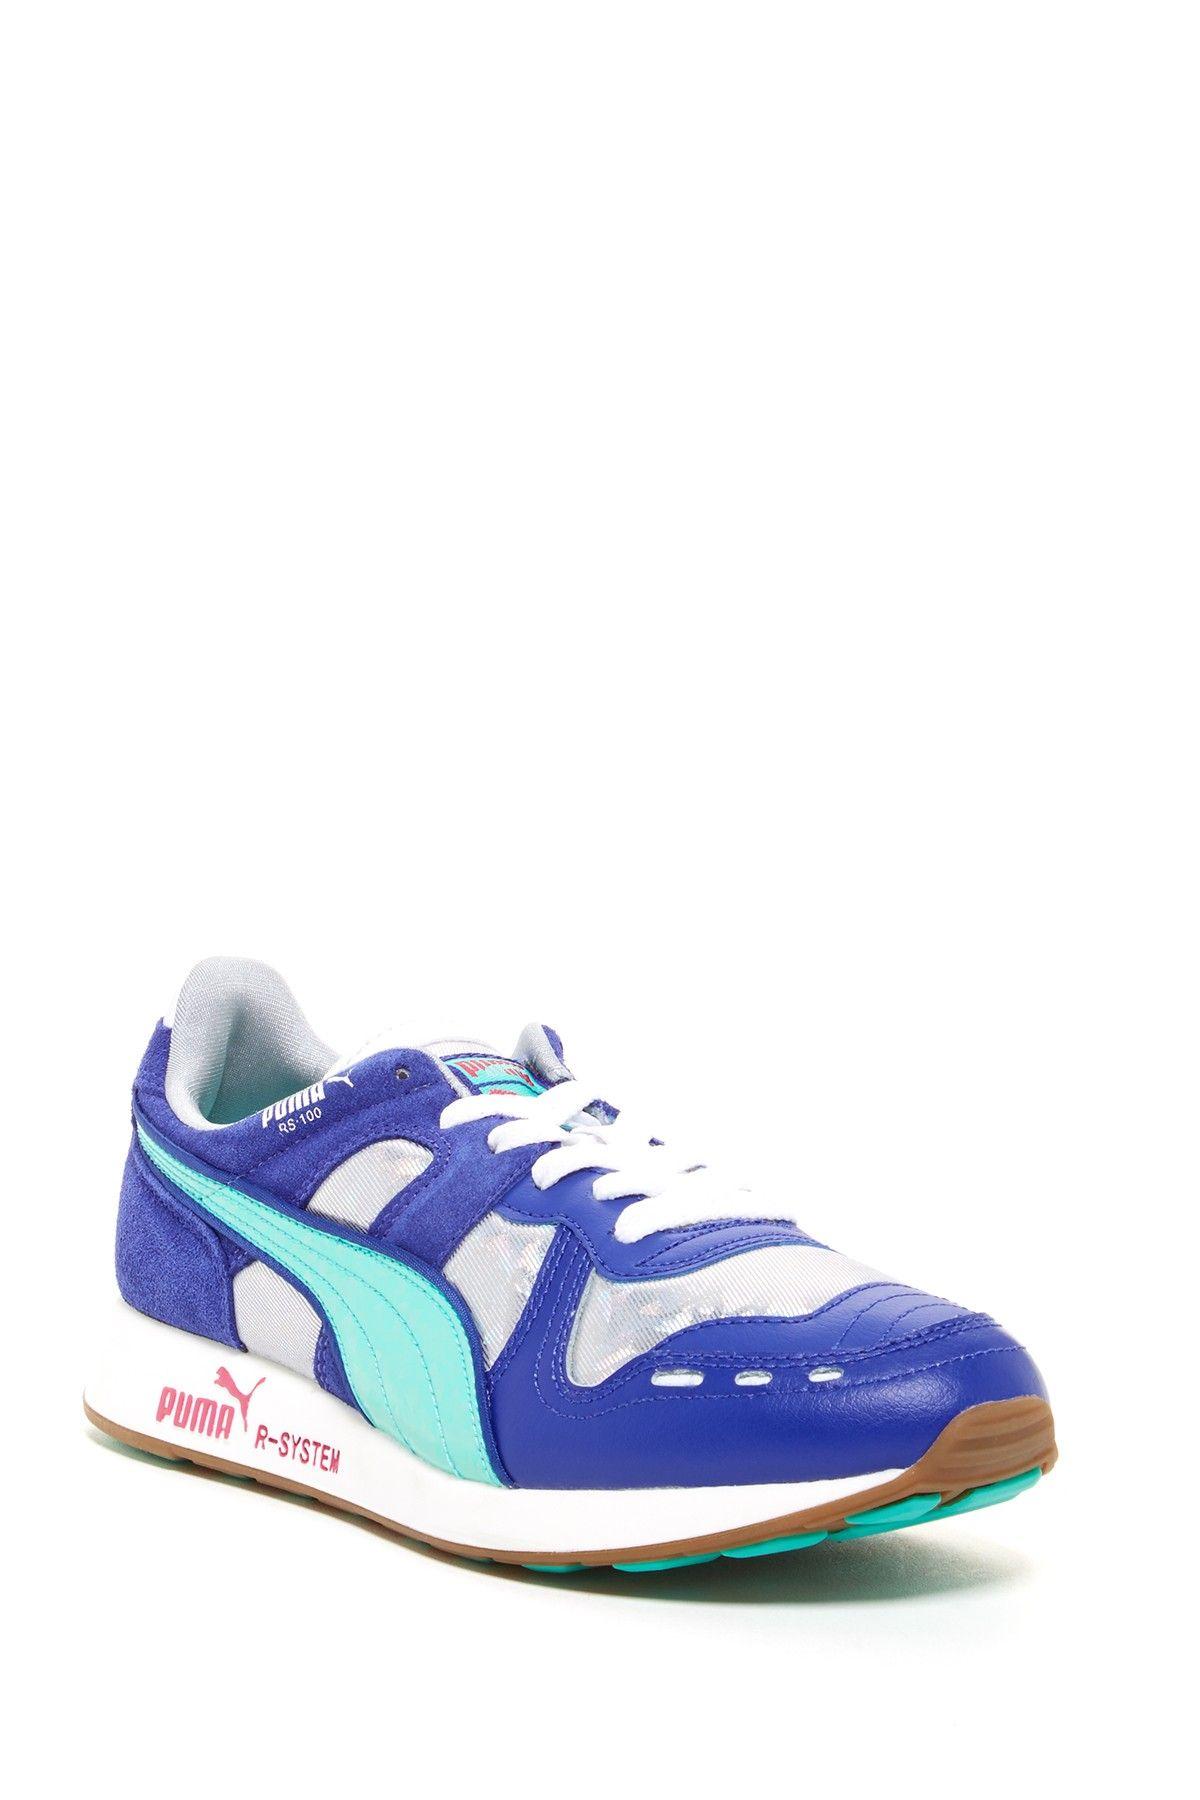 Puma Rs100 Opulence Sneaker Wish List Sneakers